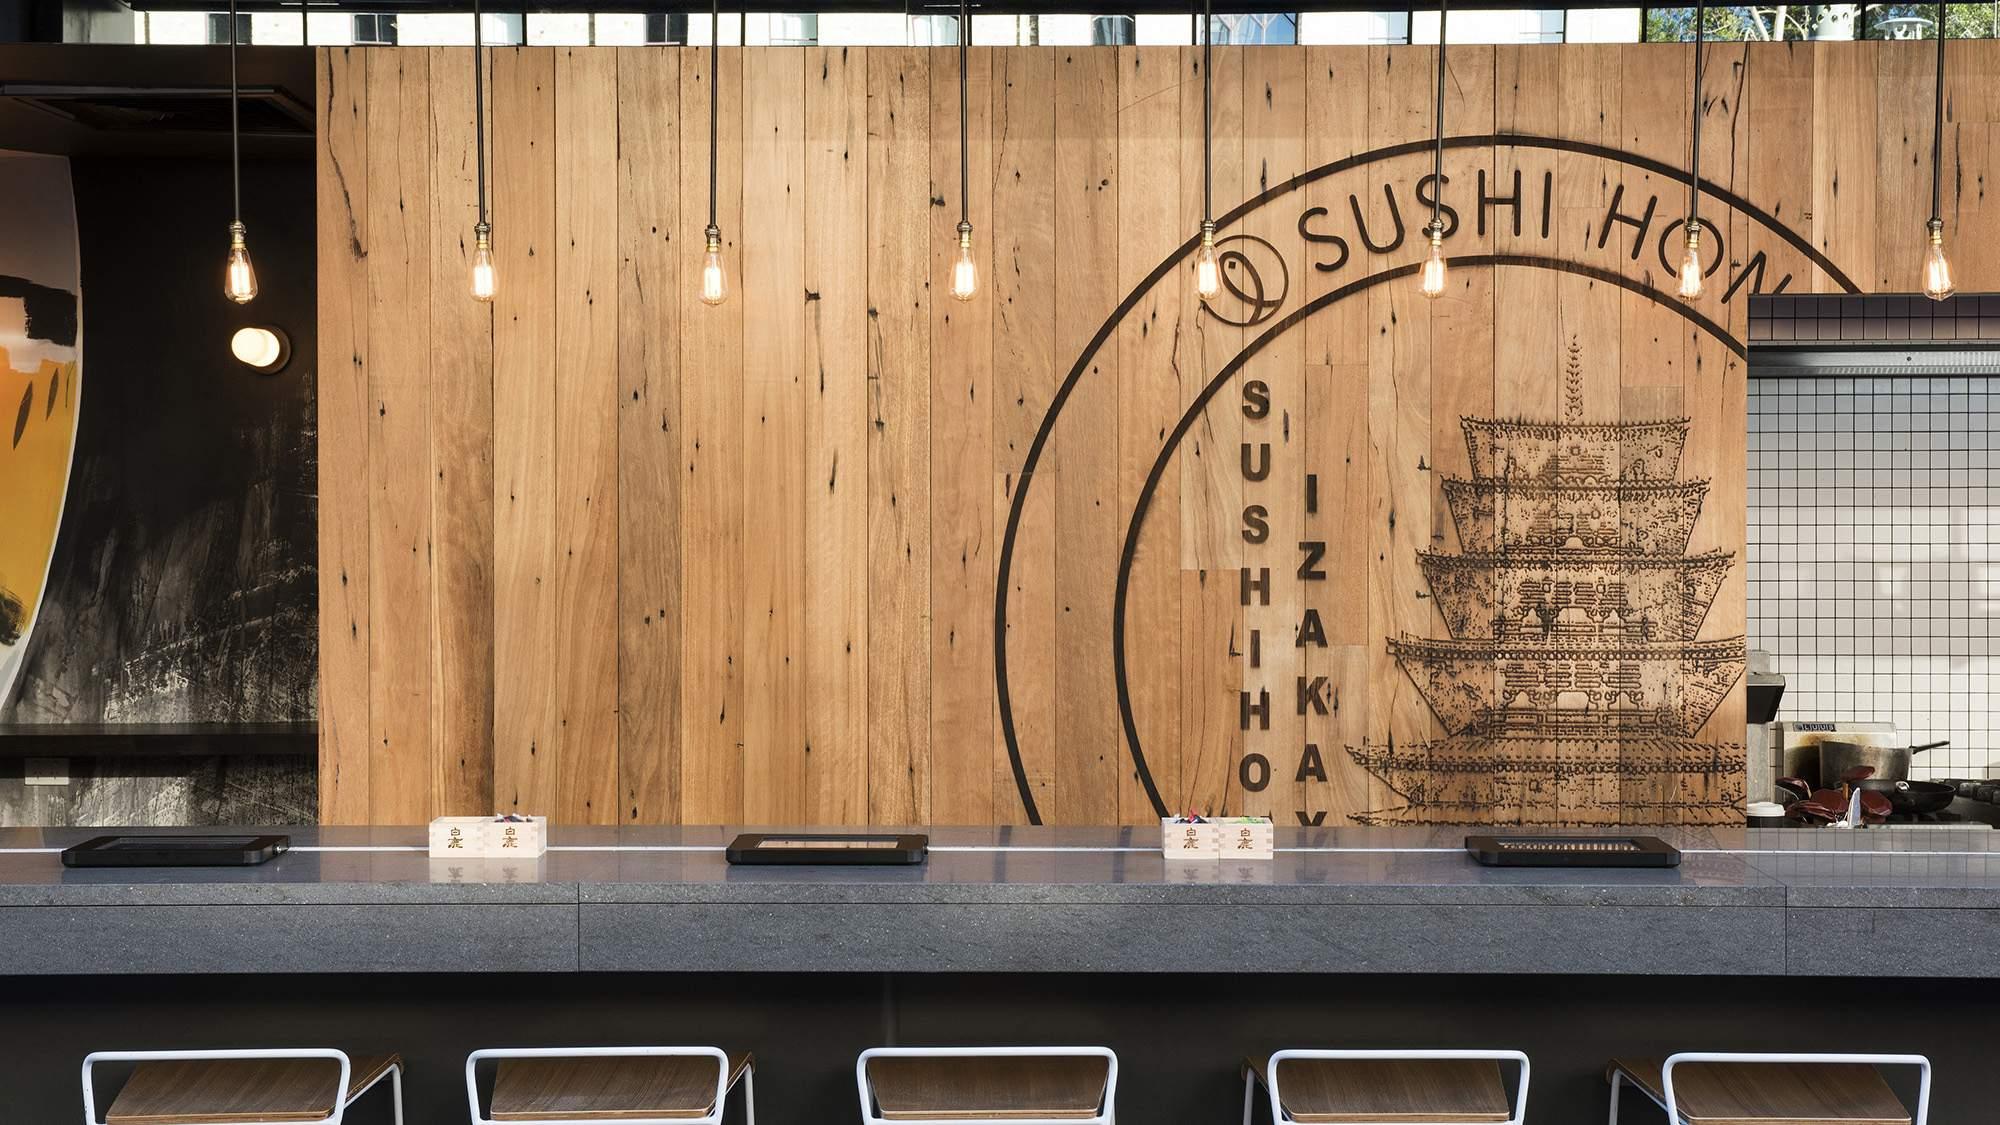 Sushi Hon Izakaya